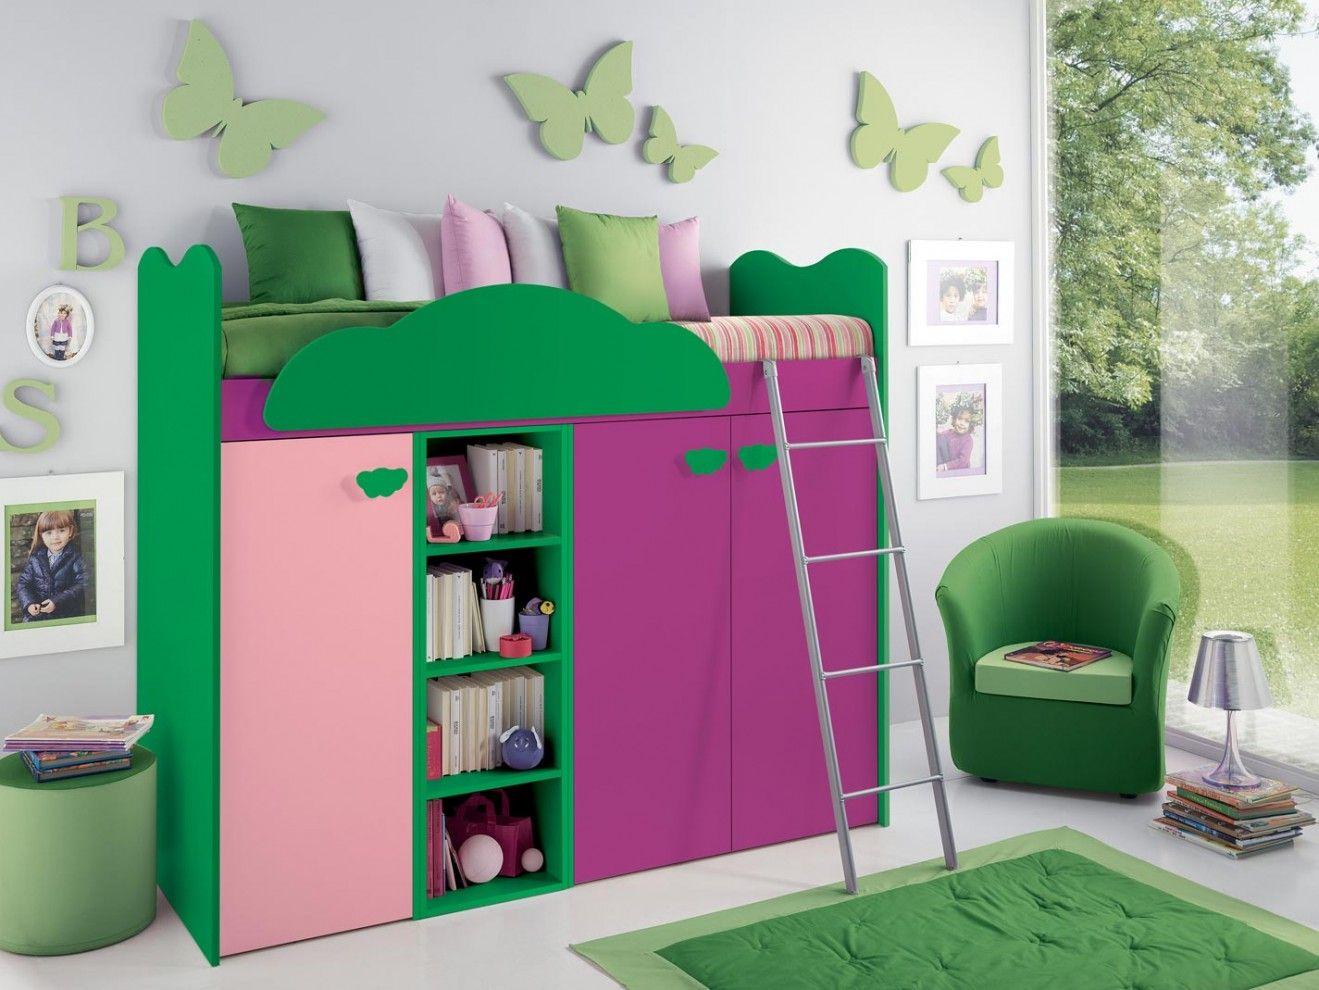 Camere Per Ragazzi Salvaspazio : Camerette salvaspazio economiche unico camerette per ragazzi ikea